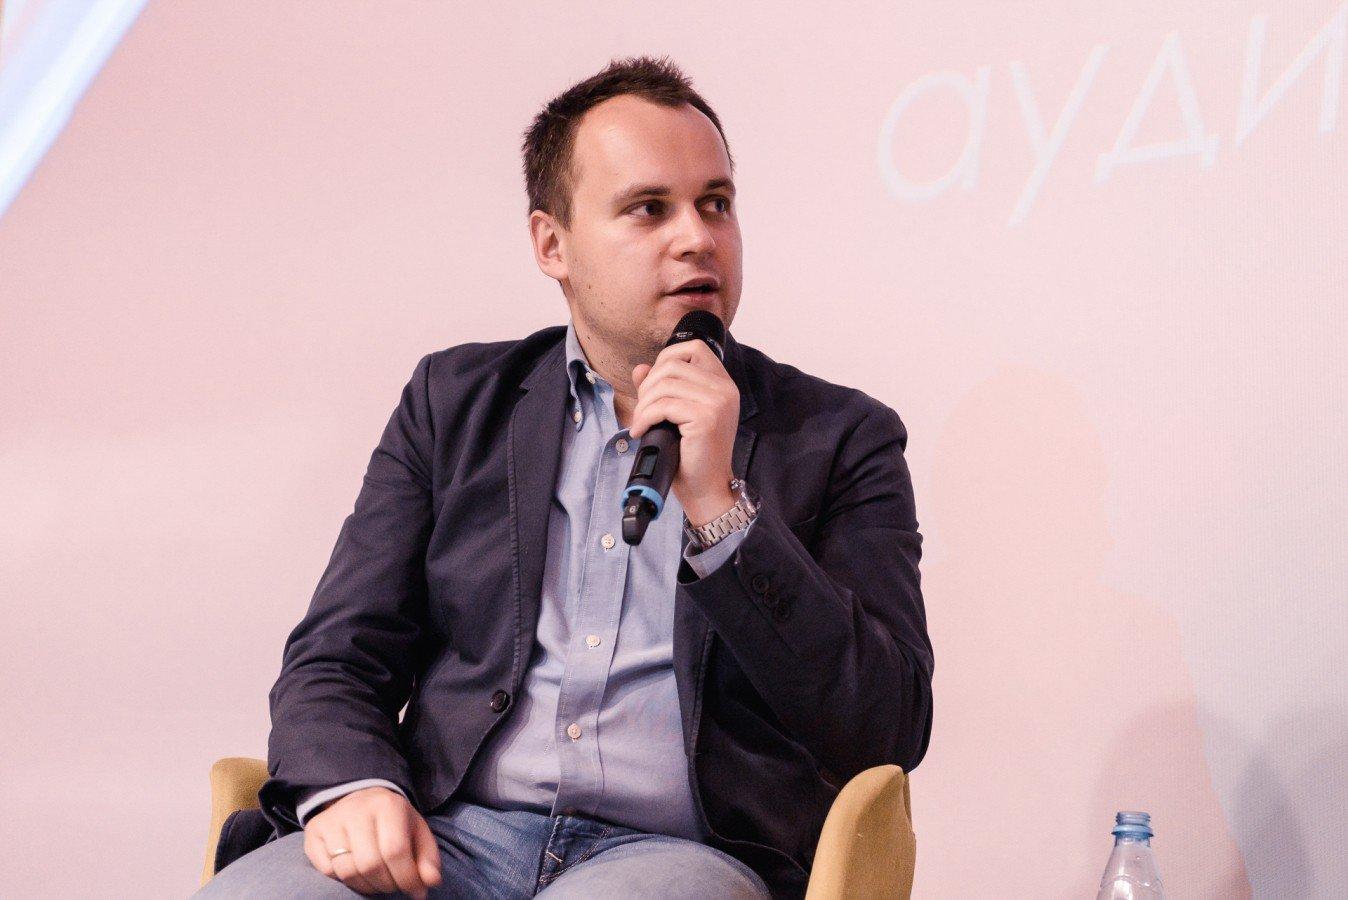 Роман Дворянкин Major в Киеве можно воспринимать как факт